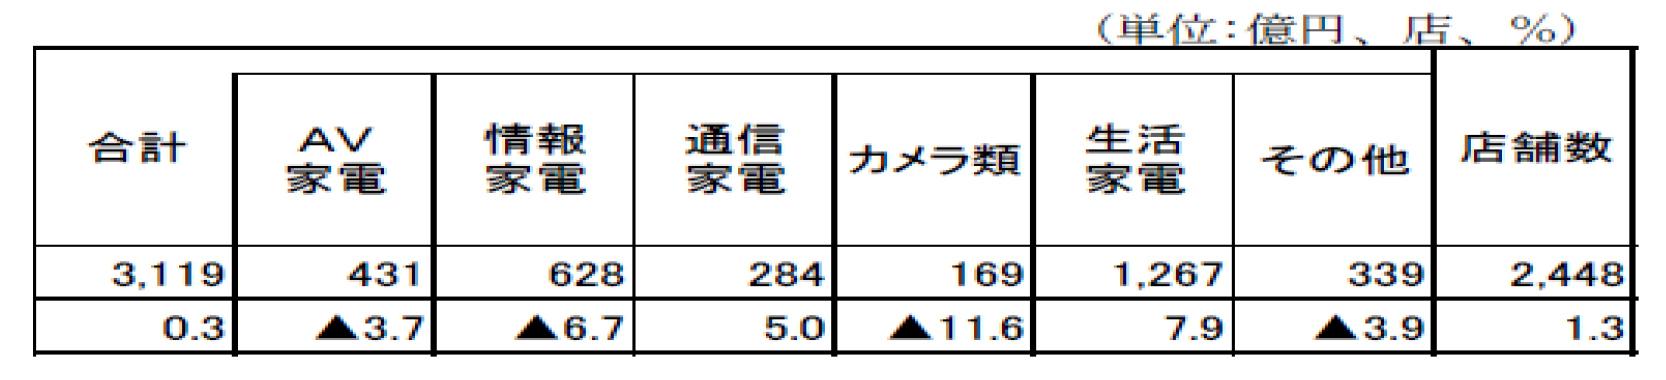 %e7%ac%ac22%e5%9b%9e%e5%8e%9f%e7%a8%bf-2